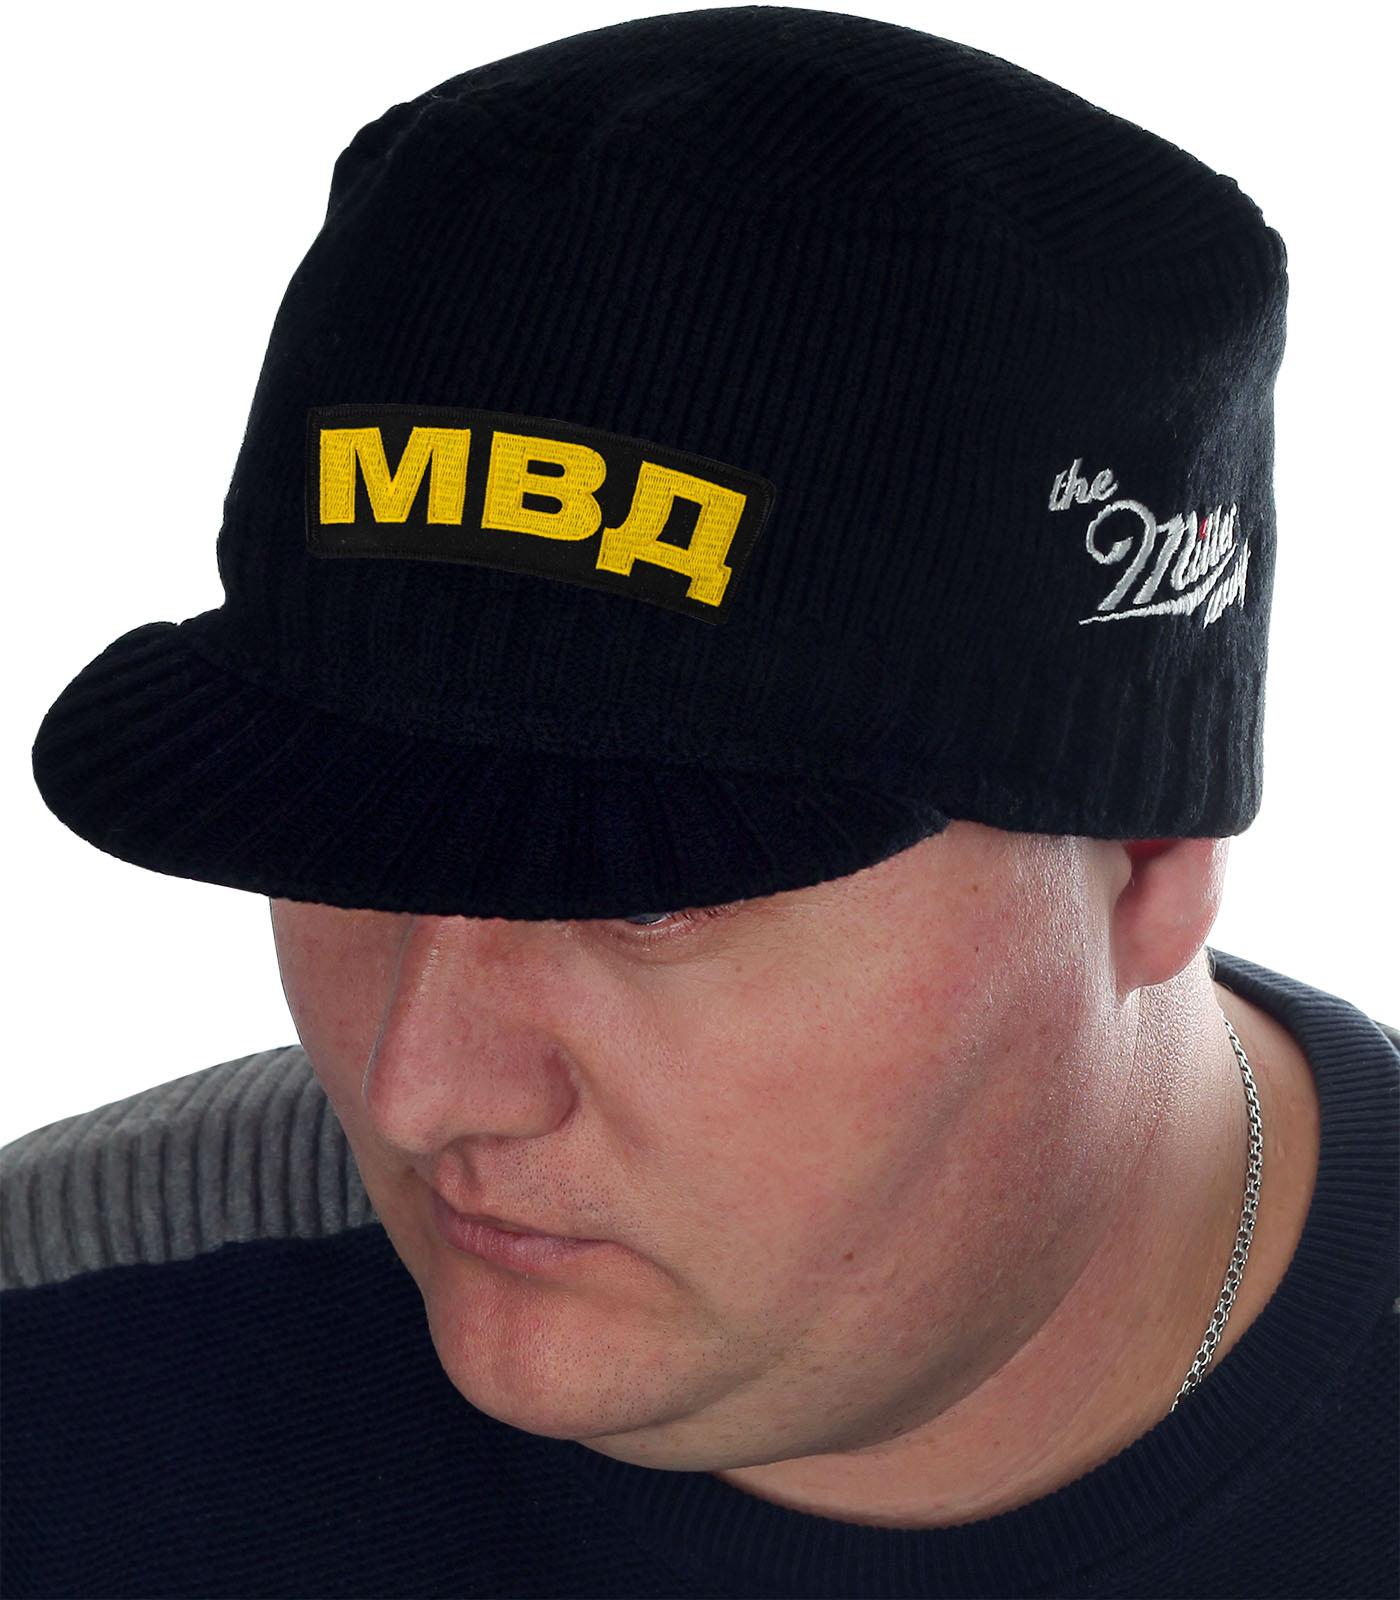 Демисезонная шапка-кепка МВД от бренда Miller - заказать в розницу